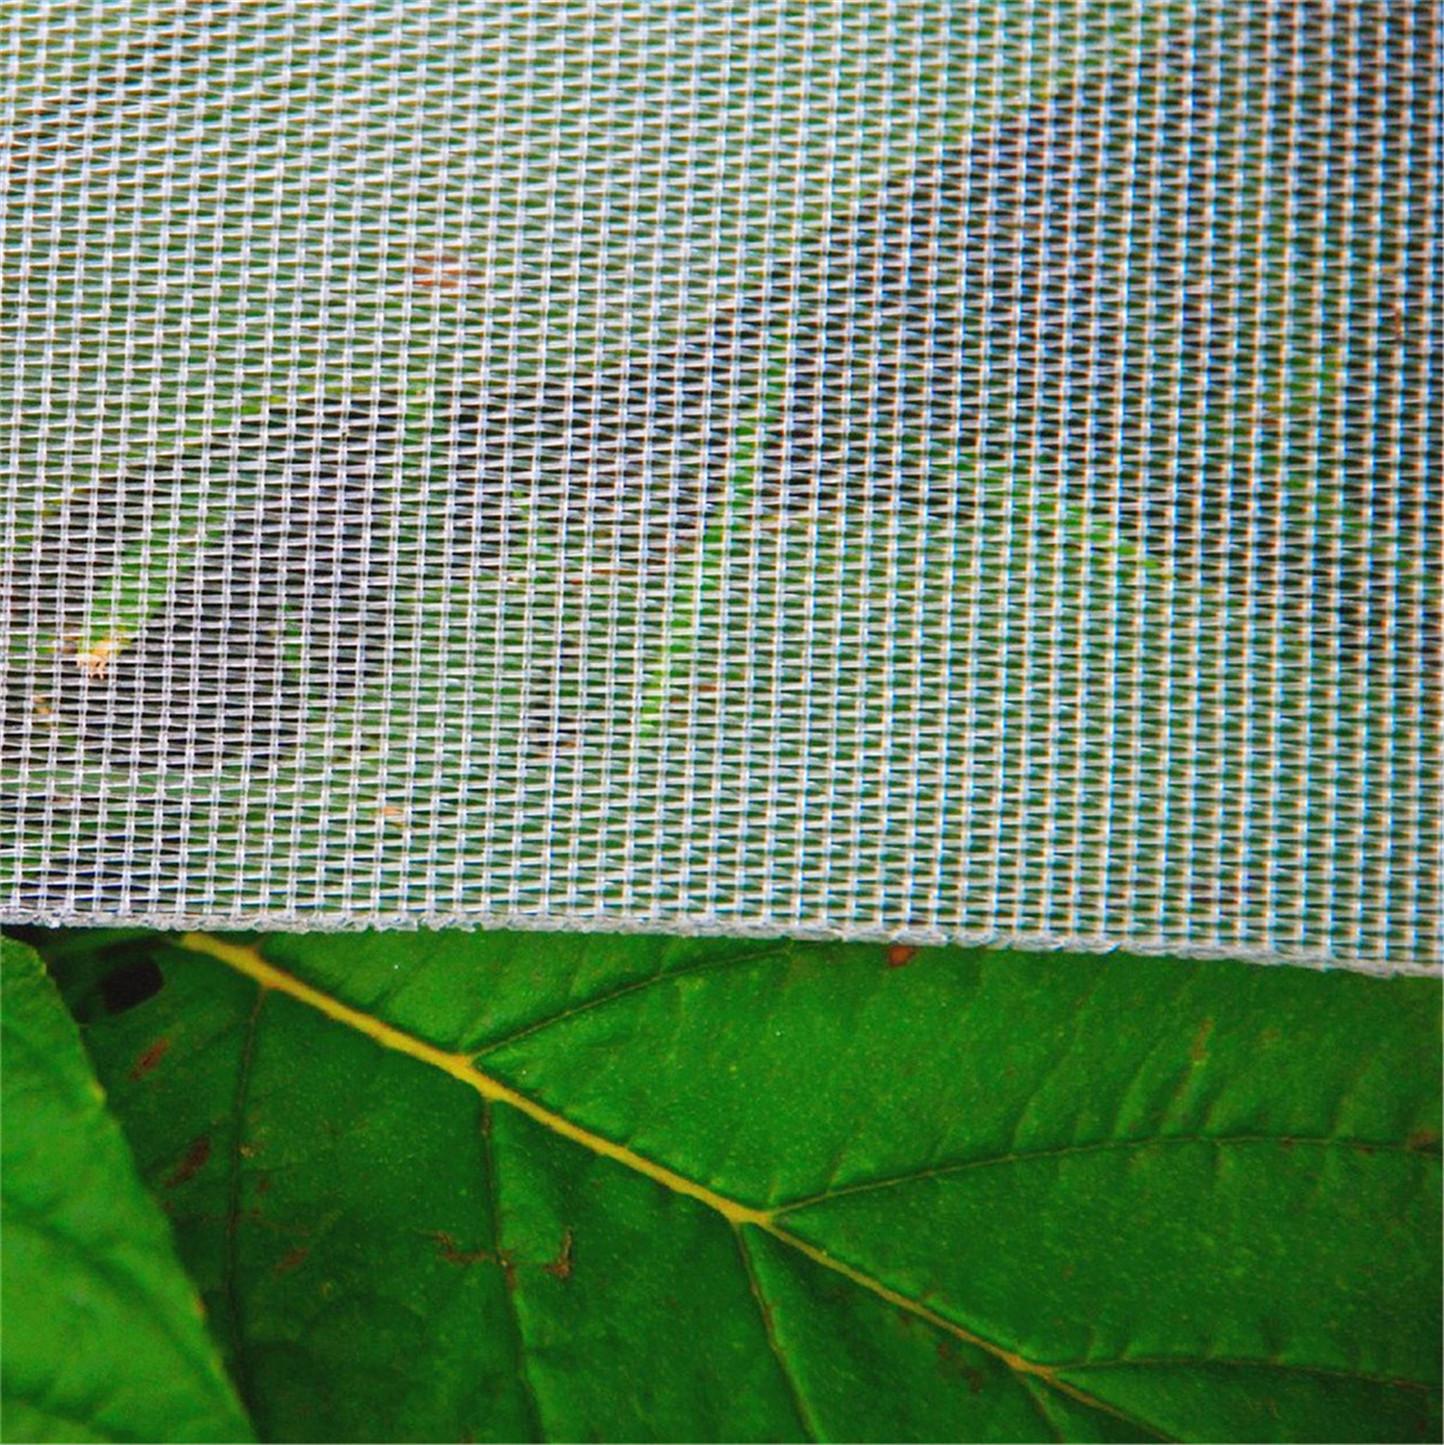 Home Giardino Verdure Giardino fiorito Frutteto Rete anti-uccelli anti-insetti